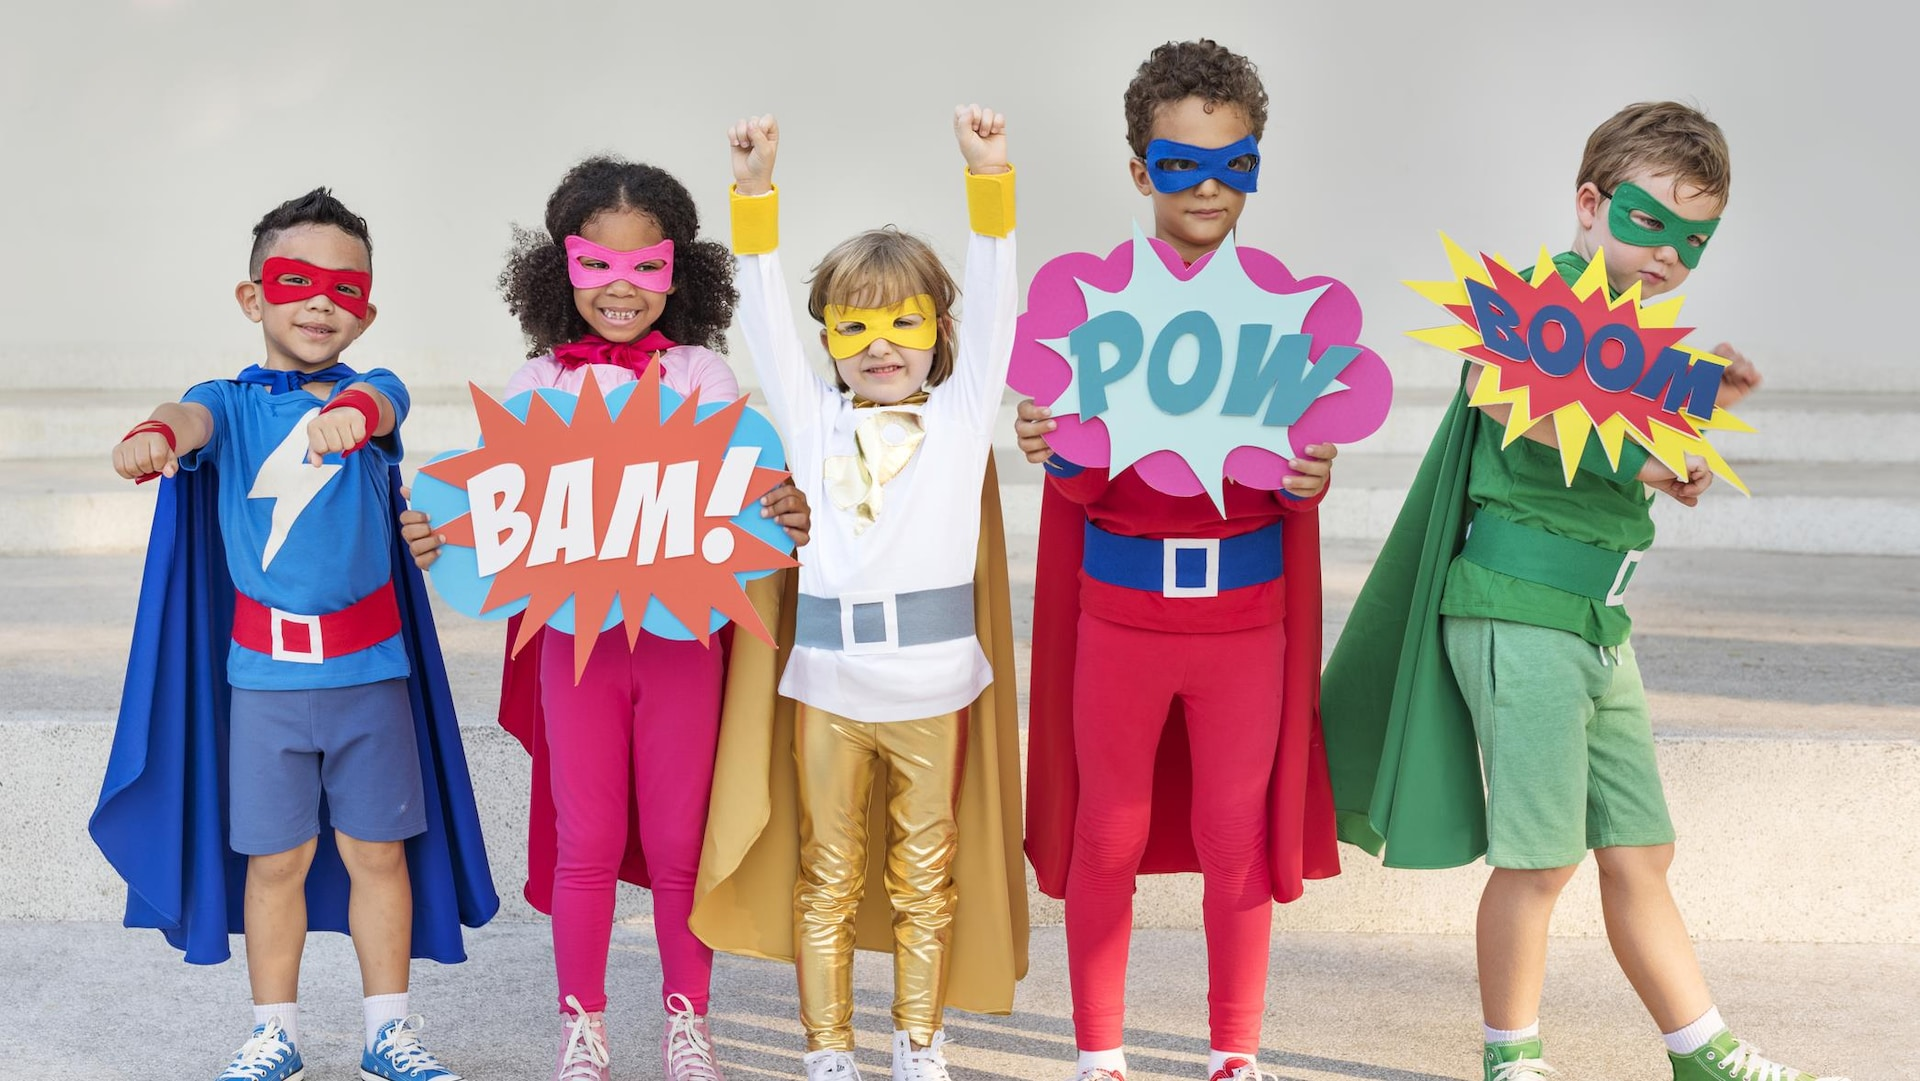 Des enfants sont déguisés en super-héros.